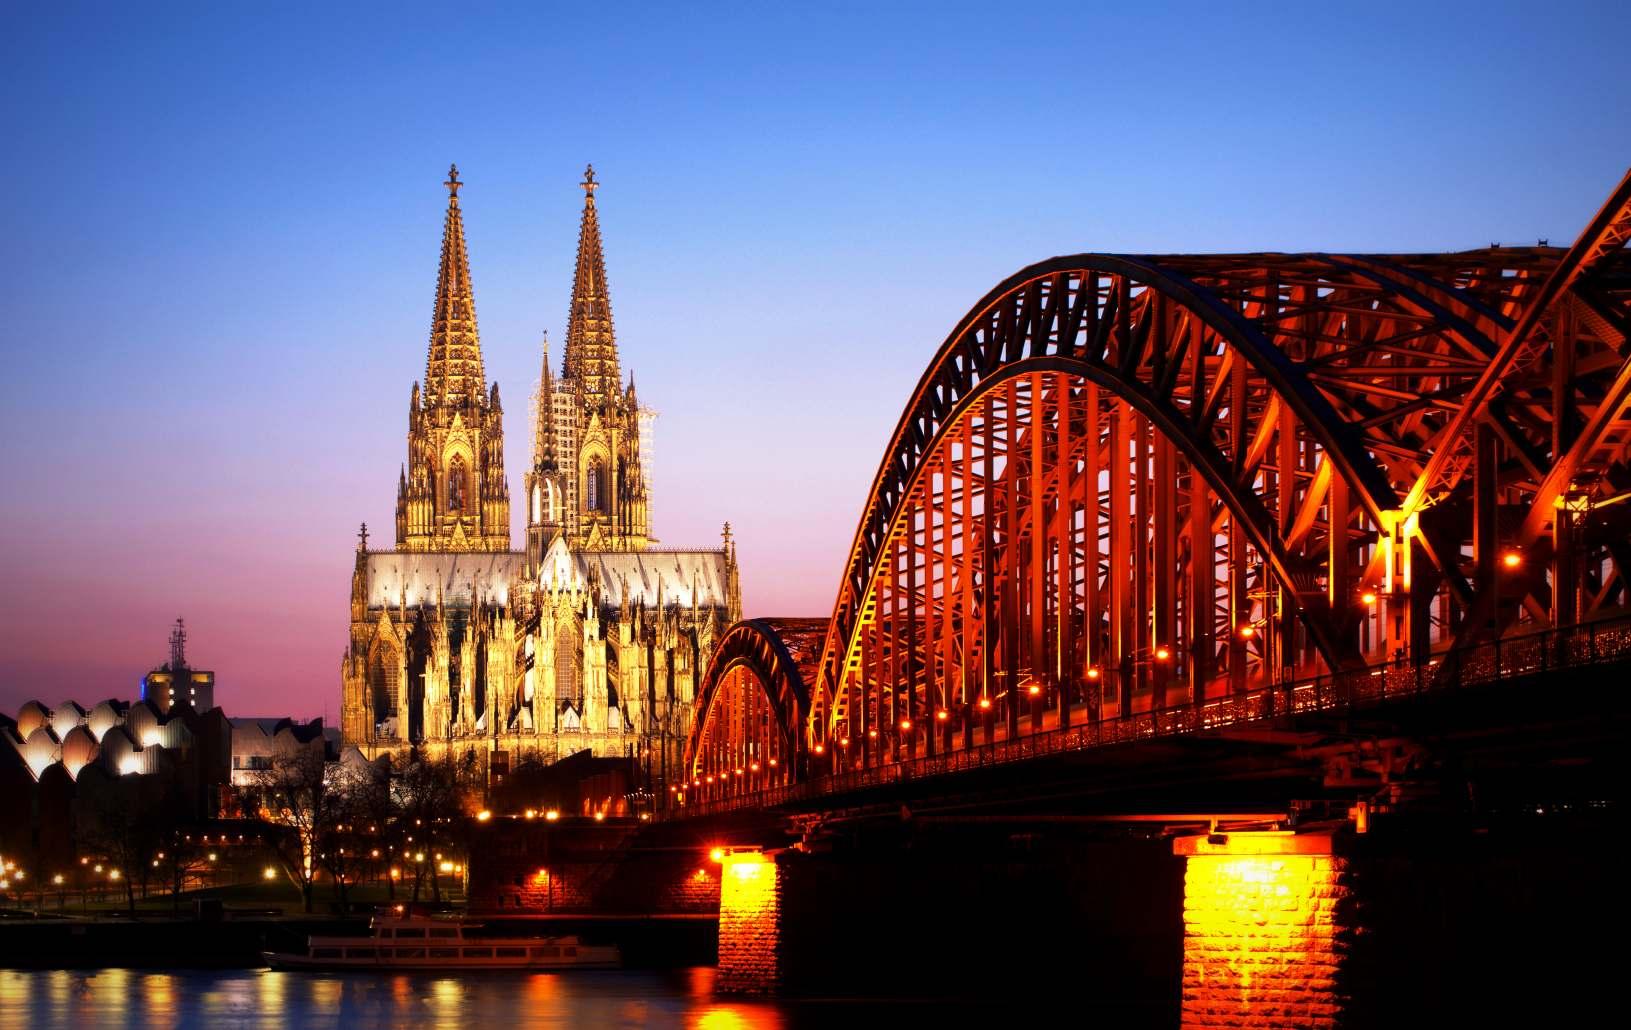 Das einzige Bild vom Kölner Dom ;-)